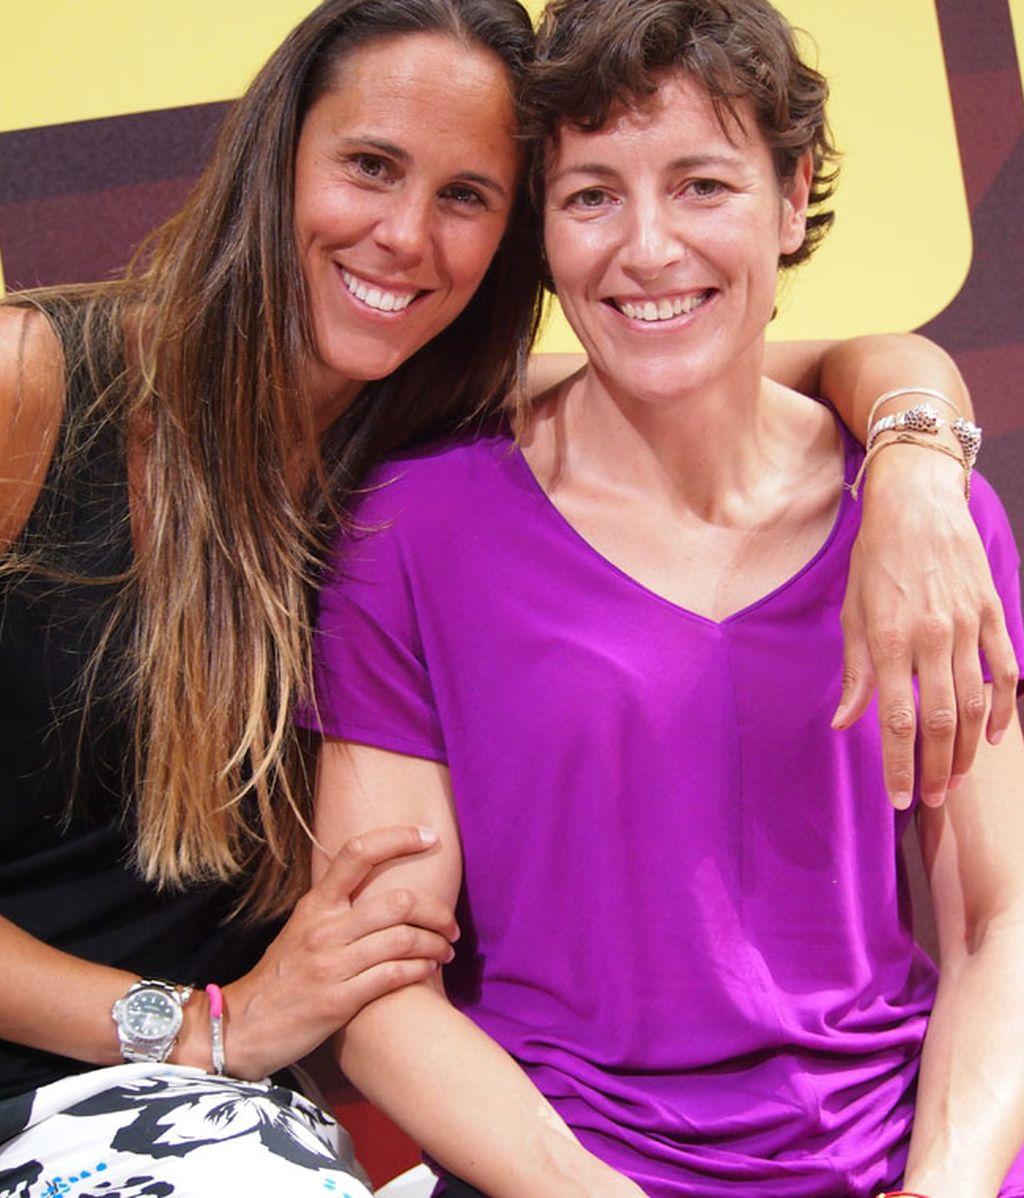 Amaya Valdemoro y Elisa Aguilar, campeonas de Europa de basket femenino